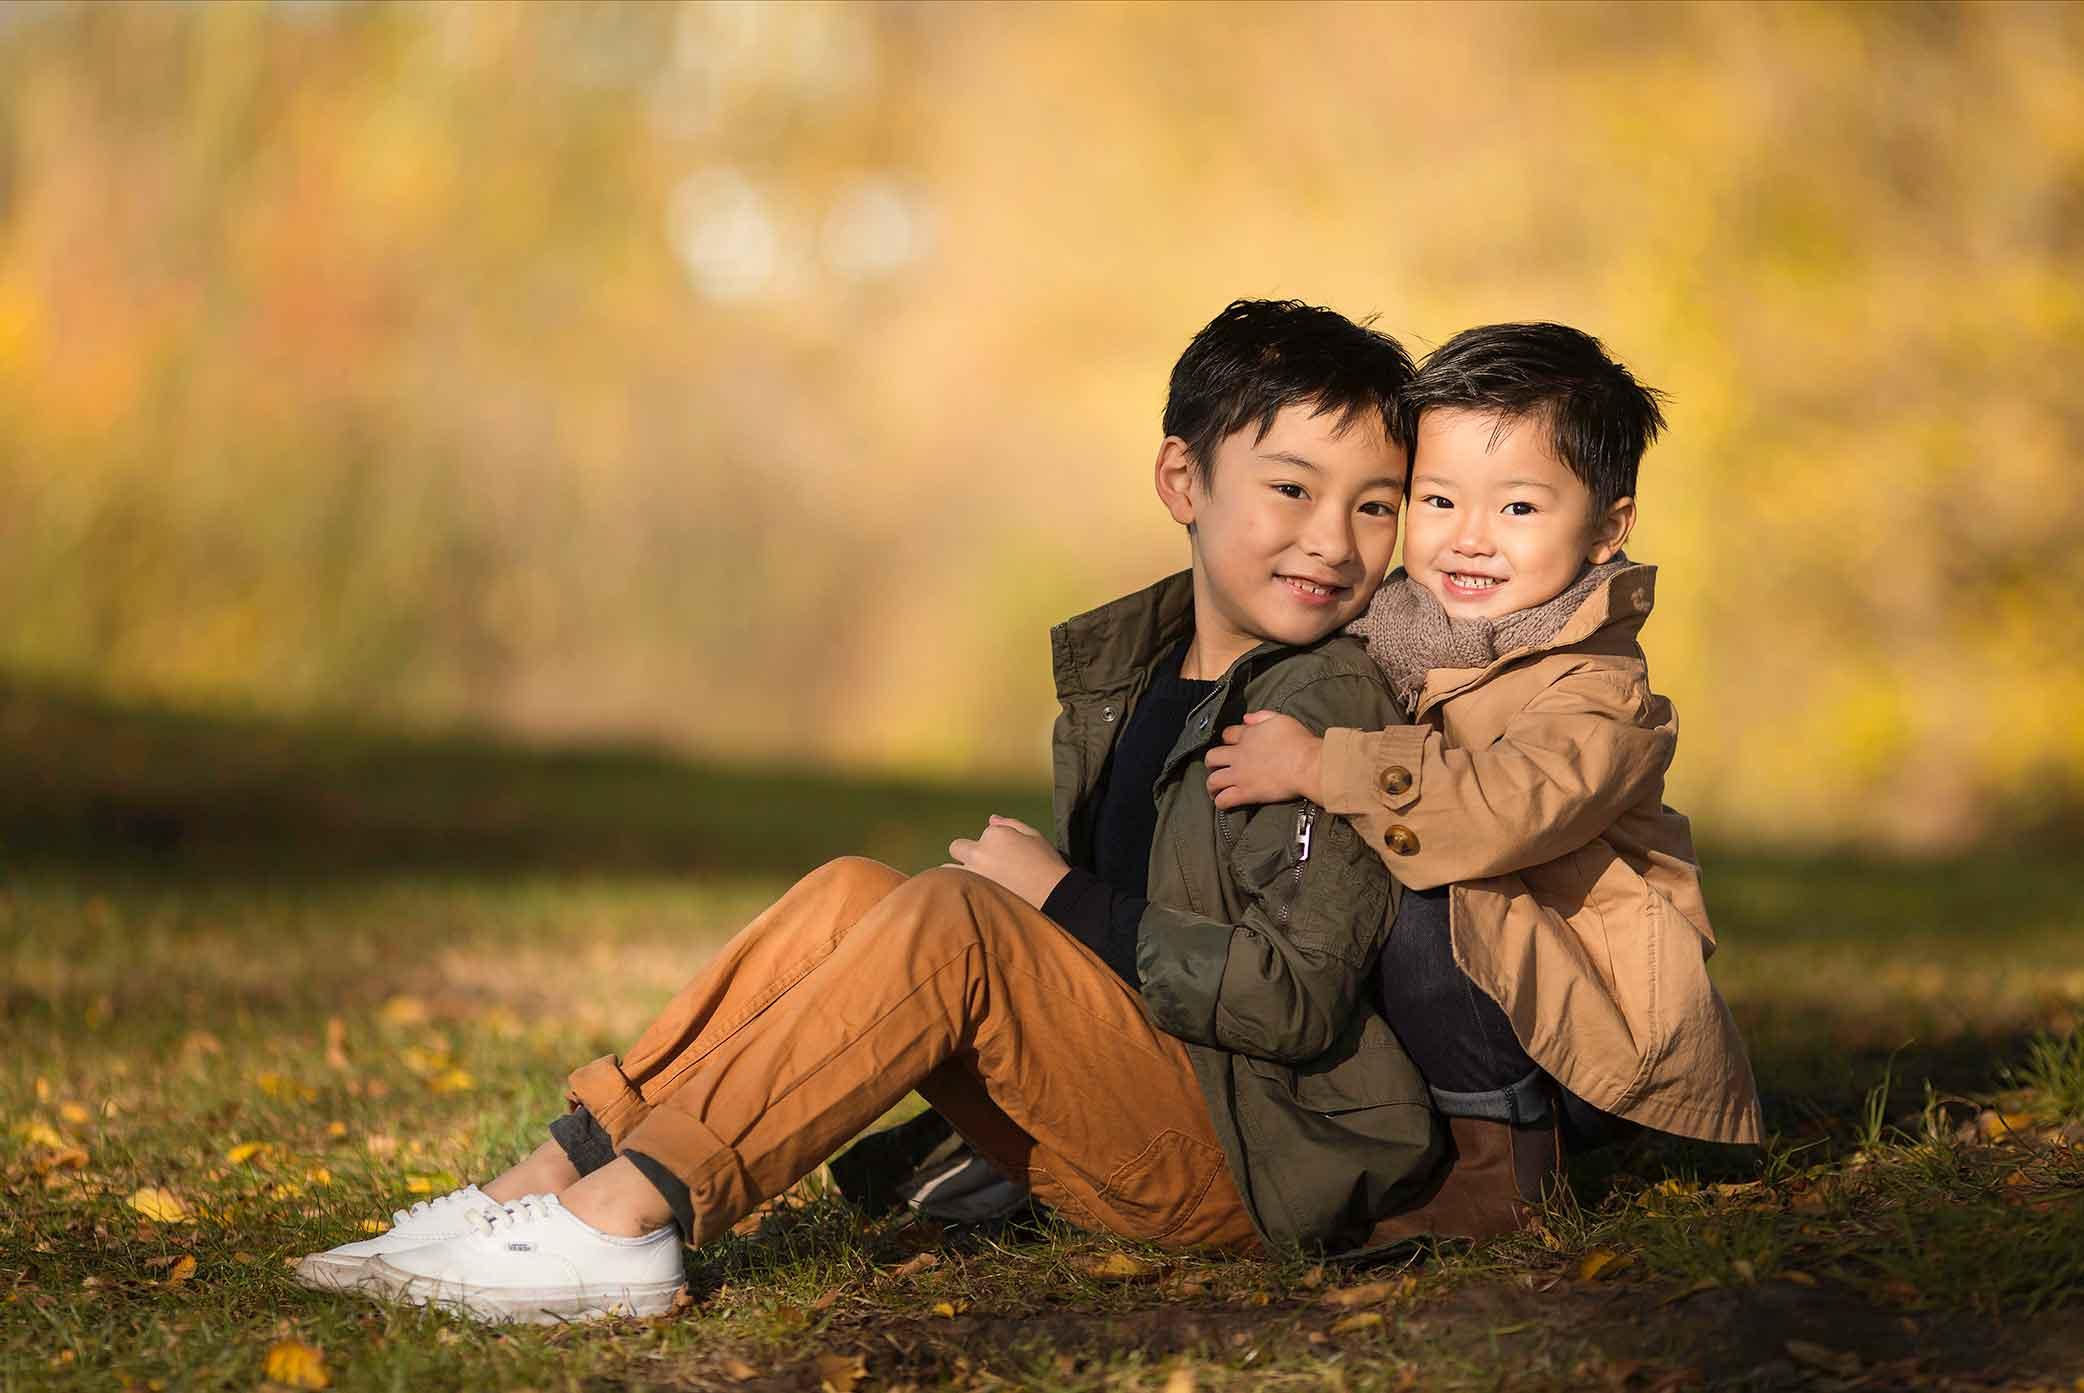 autumnfamilyportraits